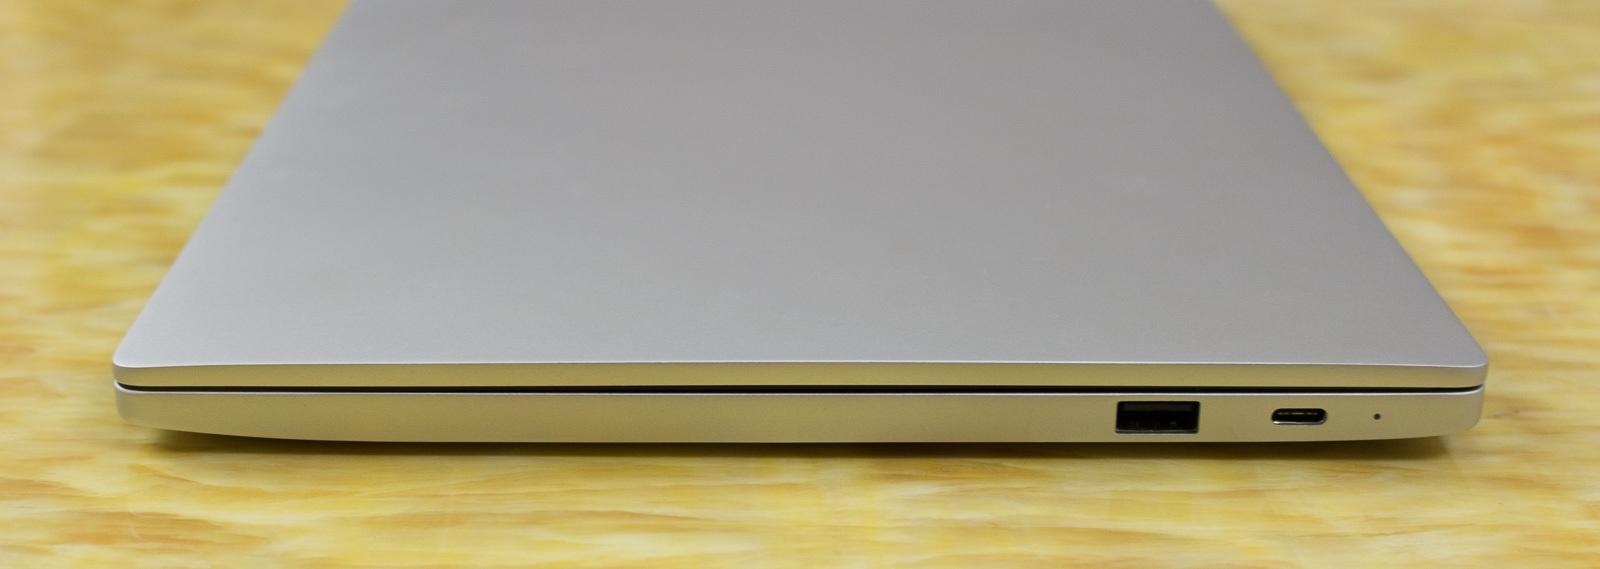 Xiaomi Mi Air 13 Laptop — еще один отличный китайский ноутбук, совершенно непохожий на Macbook - 6